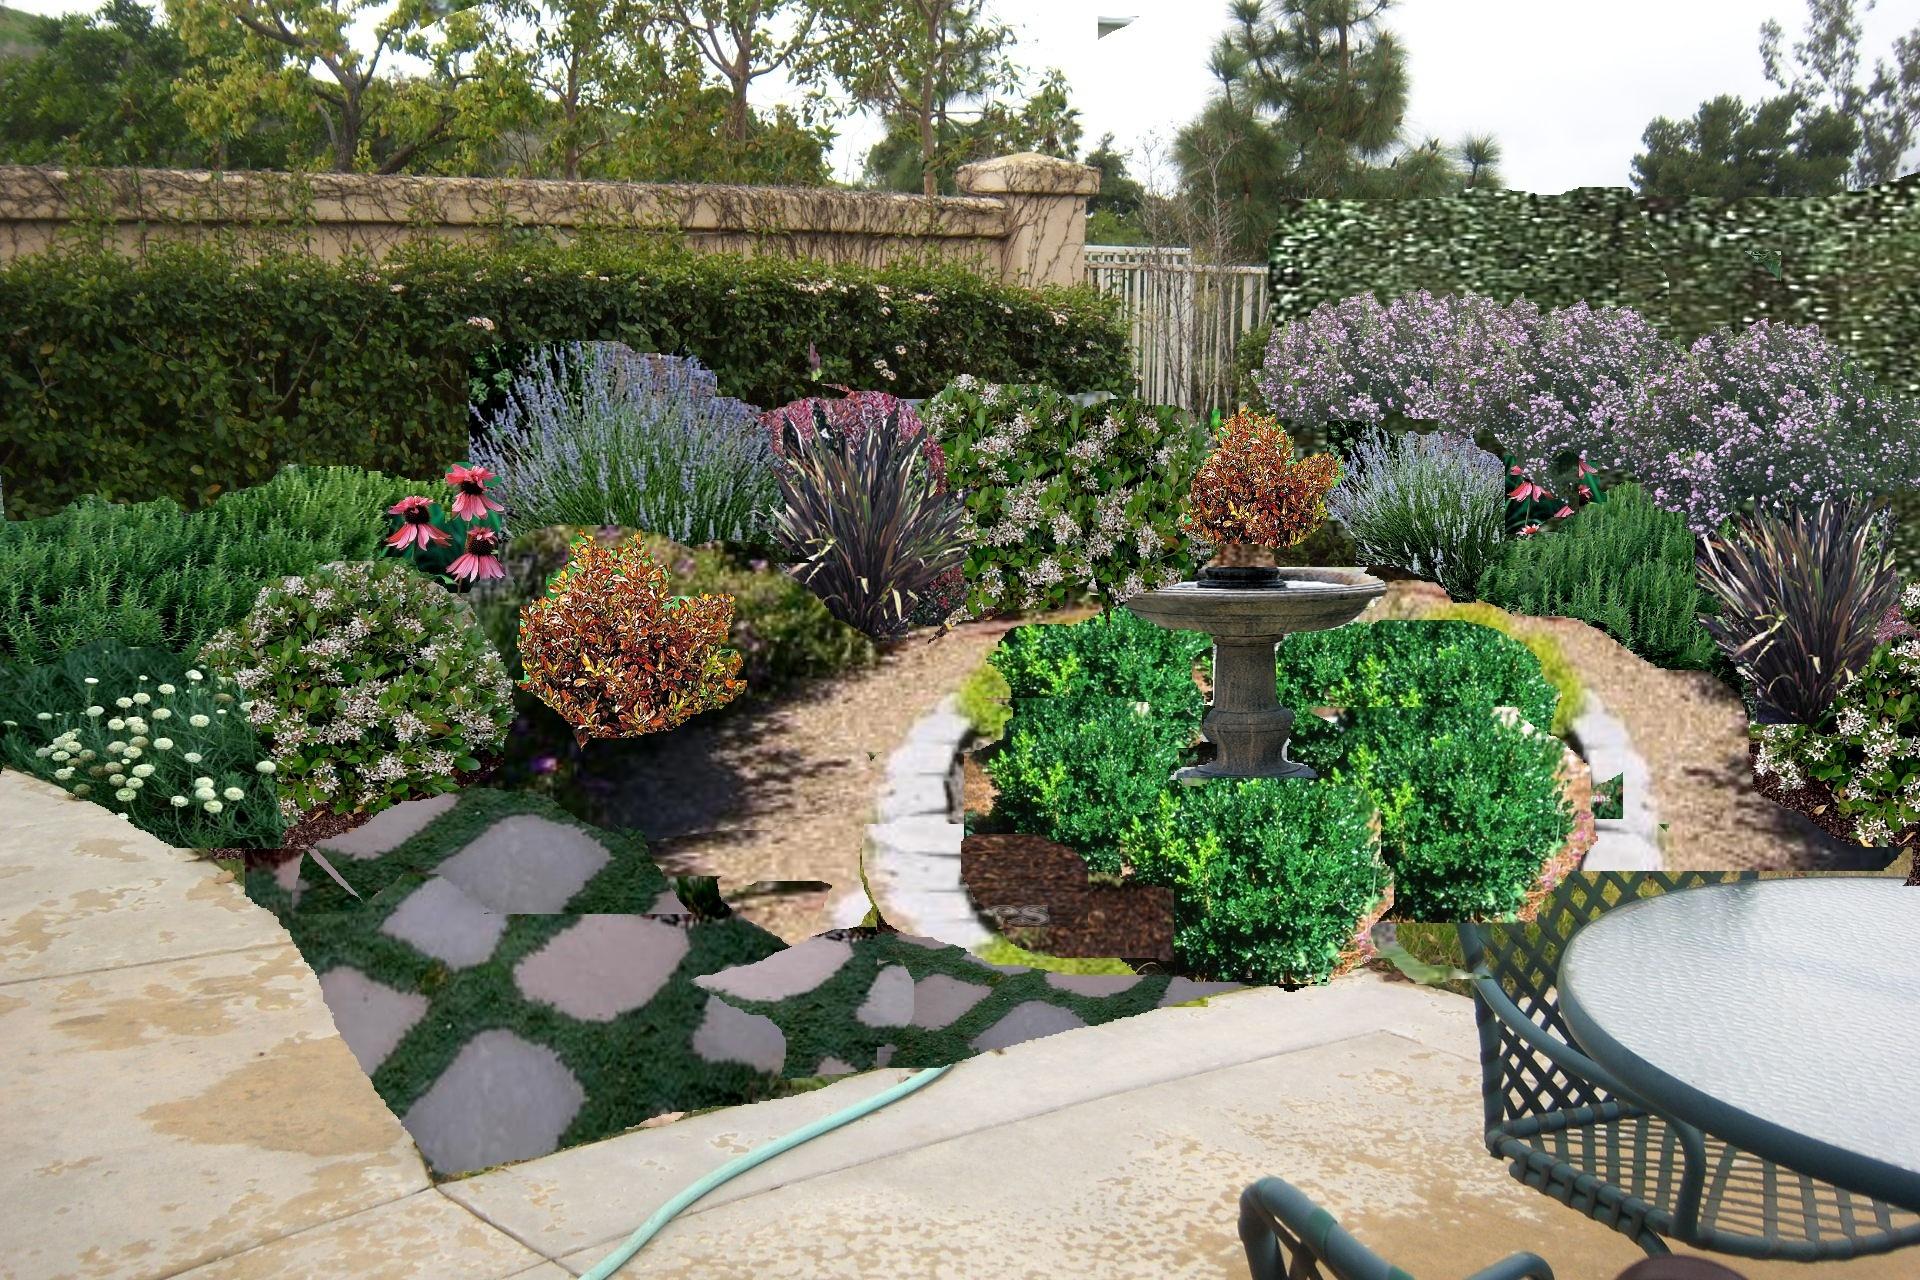 Virtual Garden Design With Photo Mockups